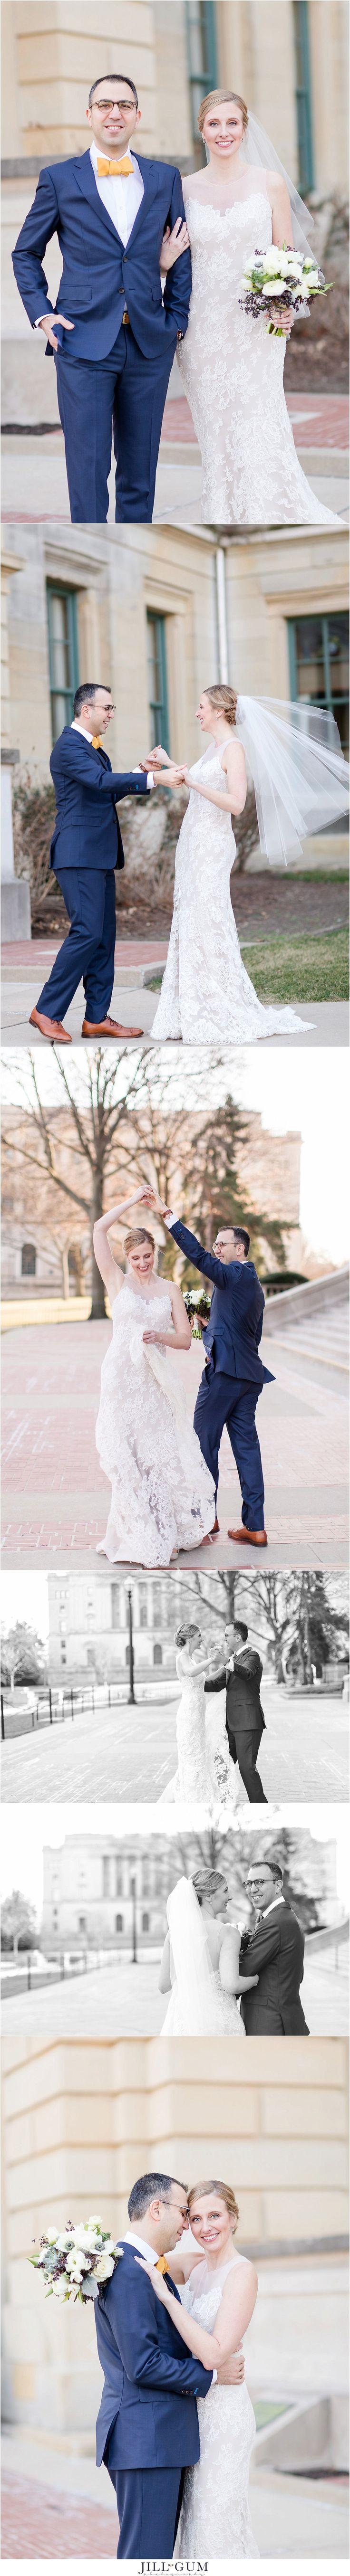 Jill Gum Photography | Wedding | Elegant | Bride & Groom | February Wedding | Wedding Bouquet | Anna Maier Wedding Gown | Lace Wedding Dress | Wedding Portraits | IL Natural Light Photographer | IL Wedding Photographer